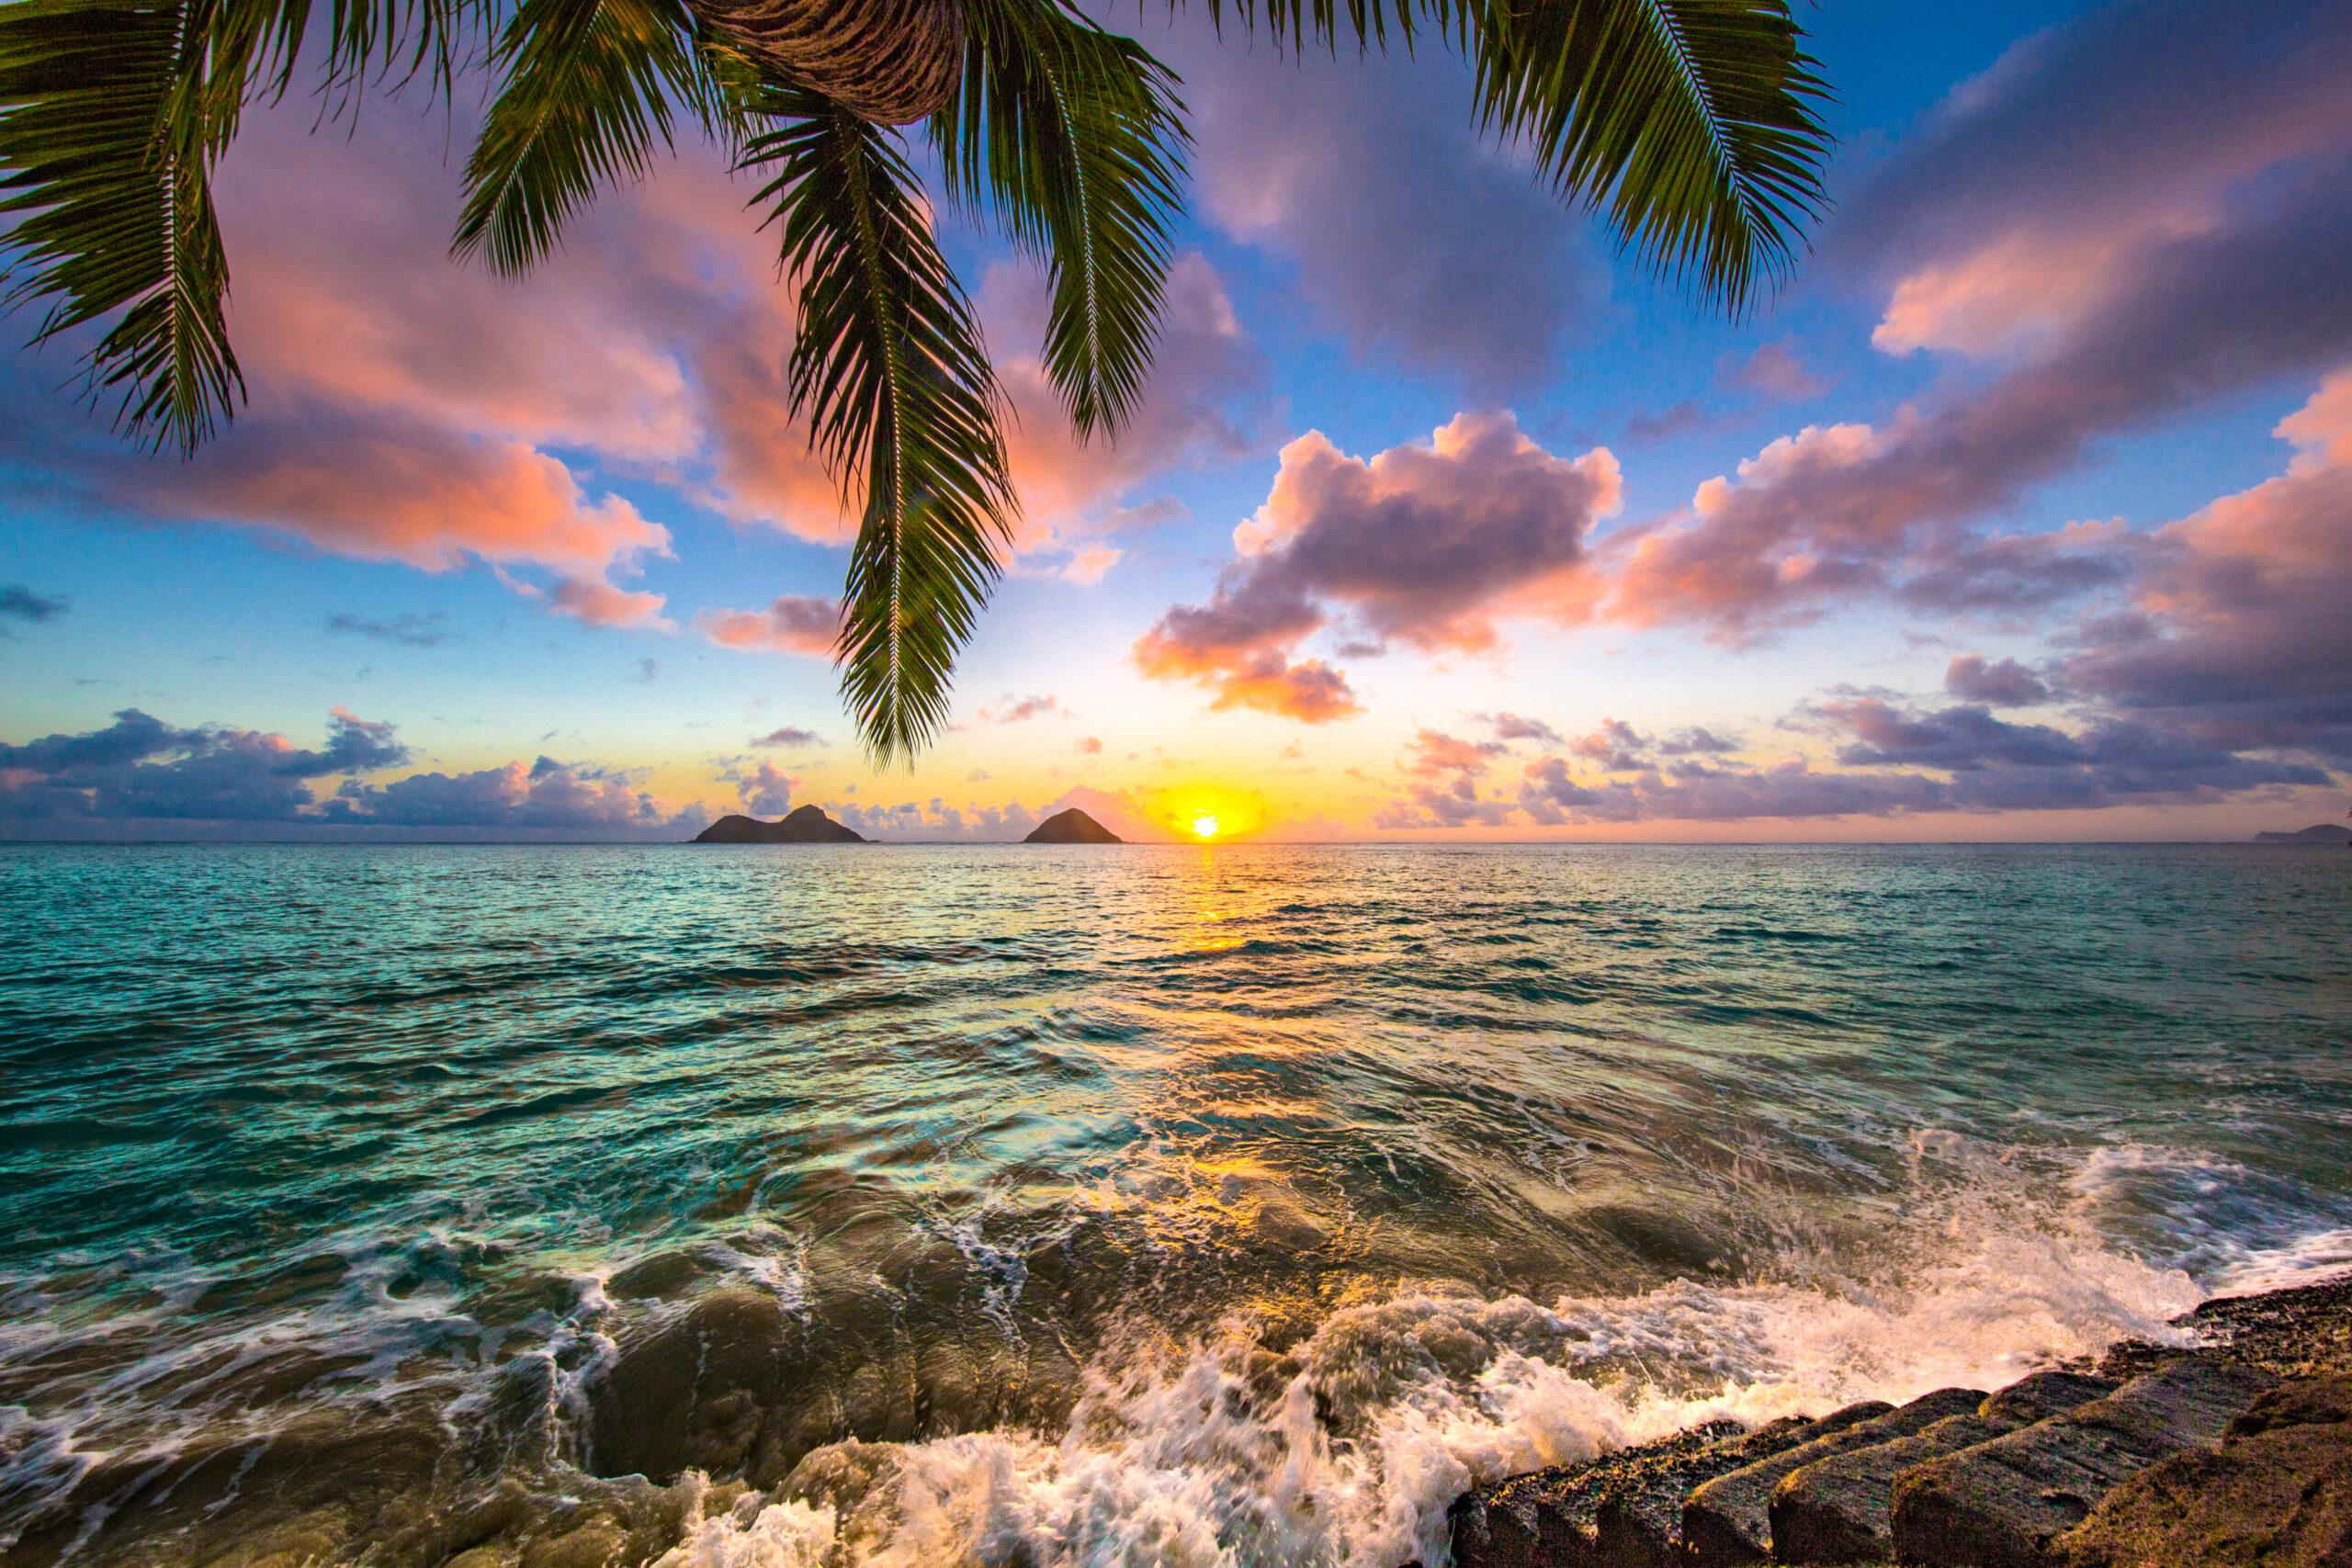 海だけじゃなくてハワイの文化が好きなんだ